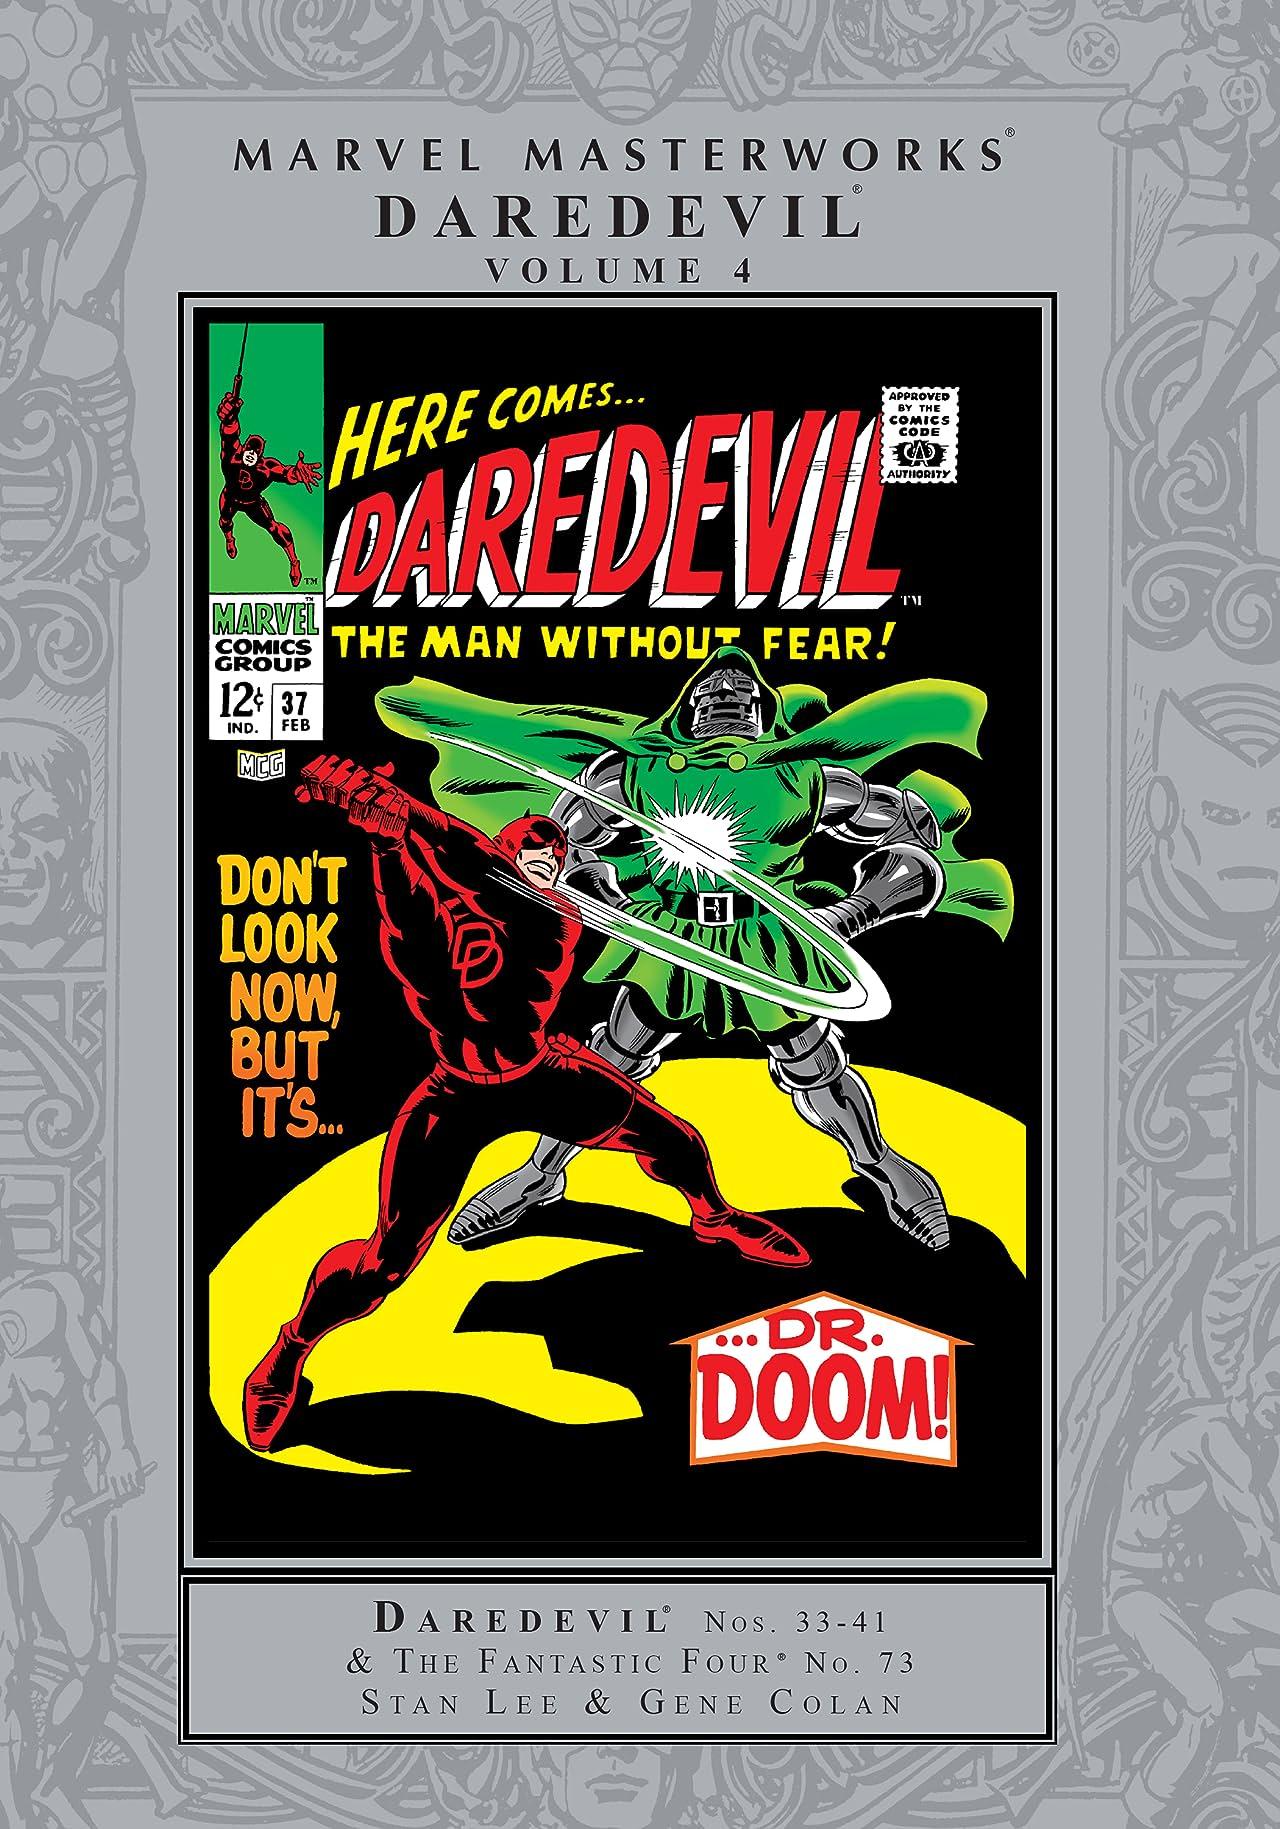 Daredevil Masterworks Vol. 4